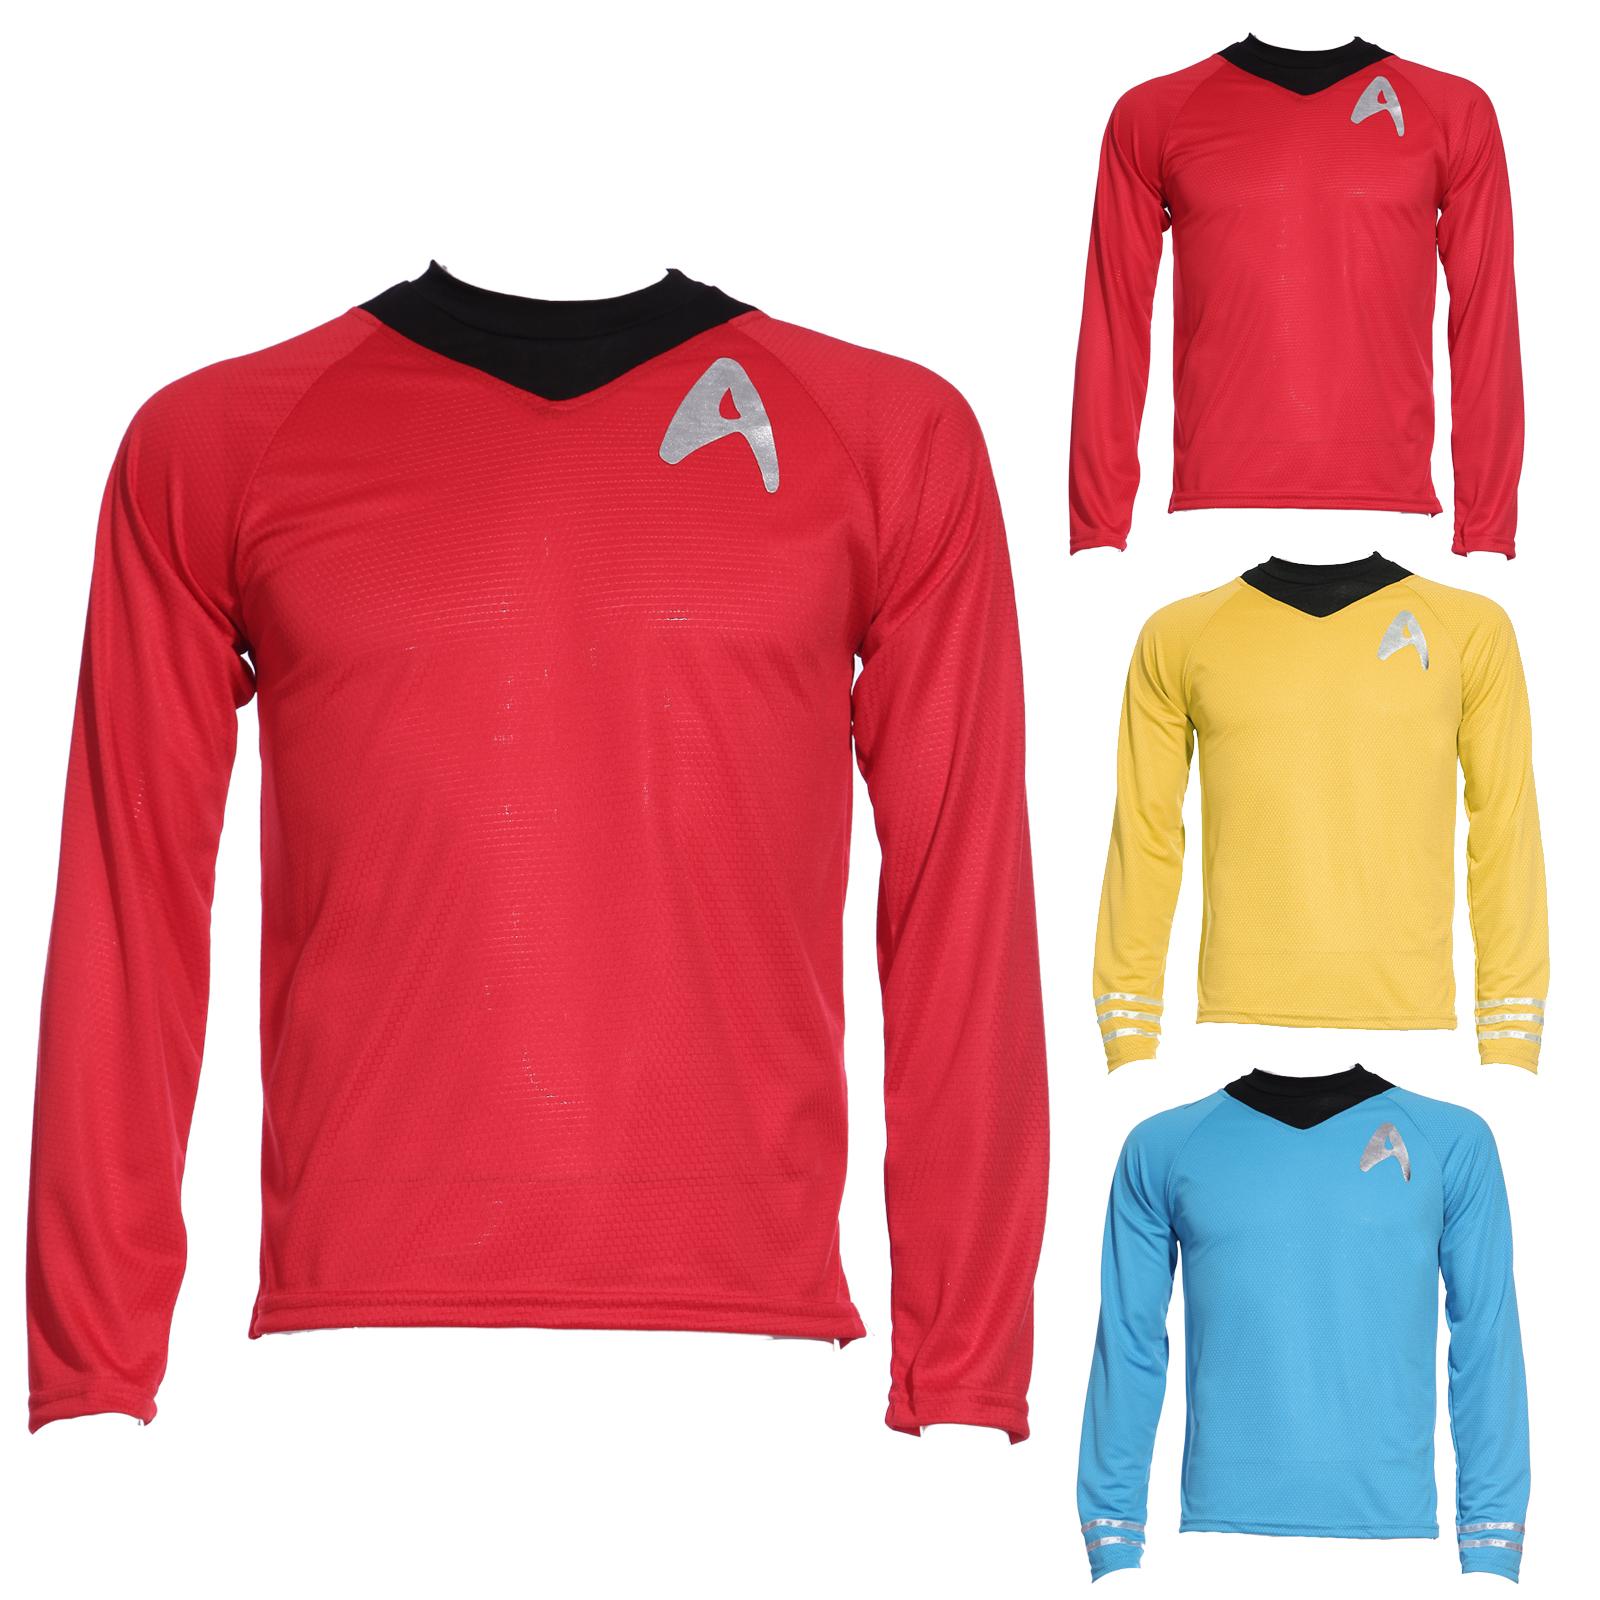 chemise haut de deguisement star treck voyageur space rouge jaune bleu pr homme ebay. Black Bedroom Furniture Sets. Home Design Ideas